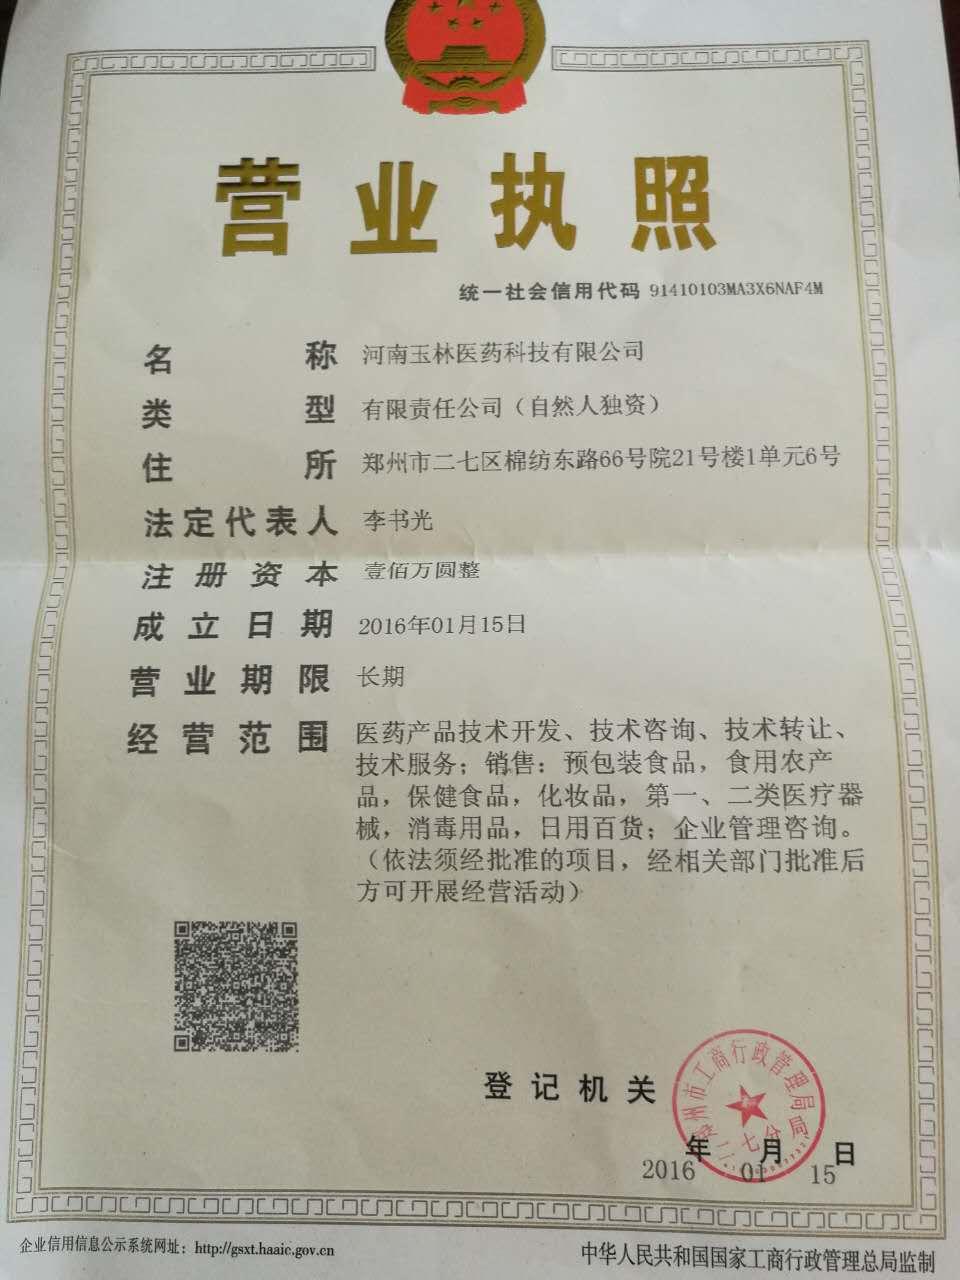 河南玉林医药科技有限公司